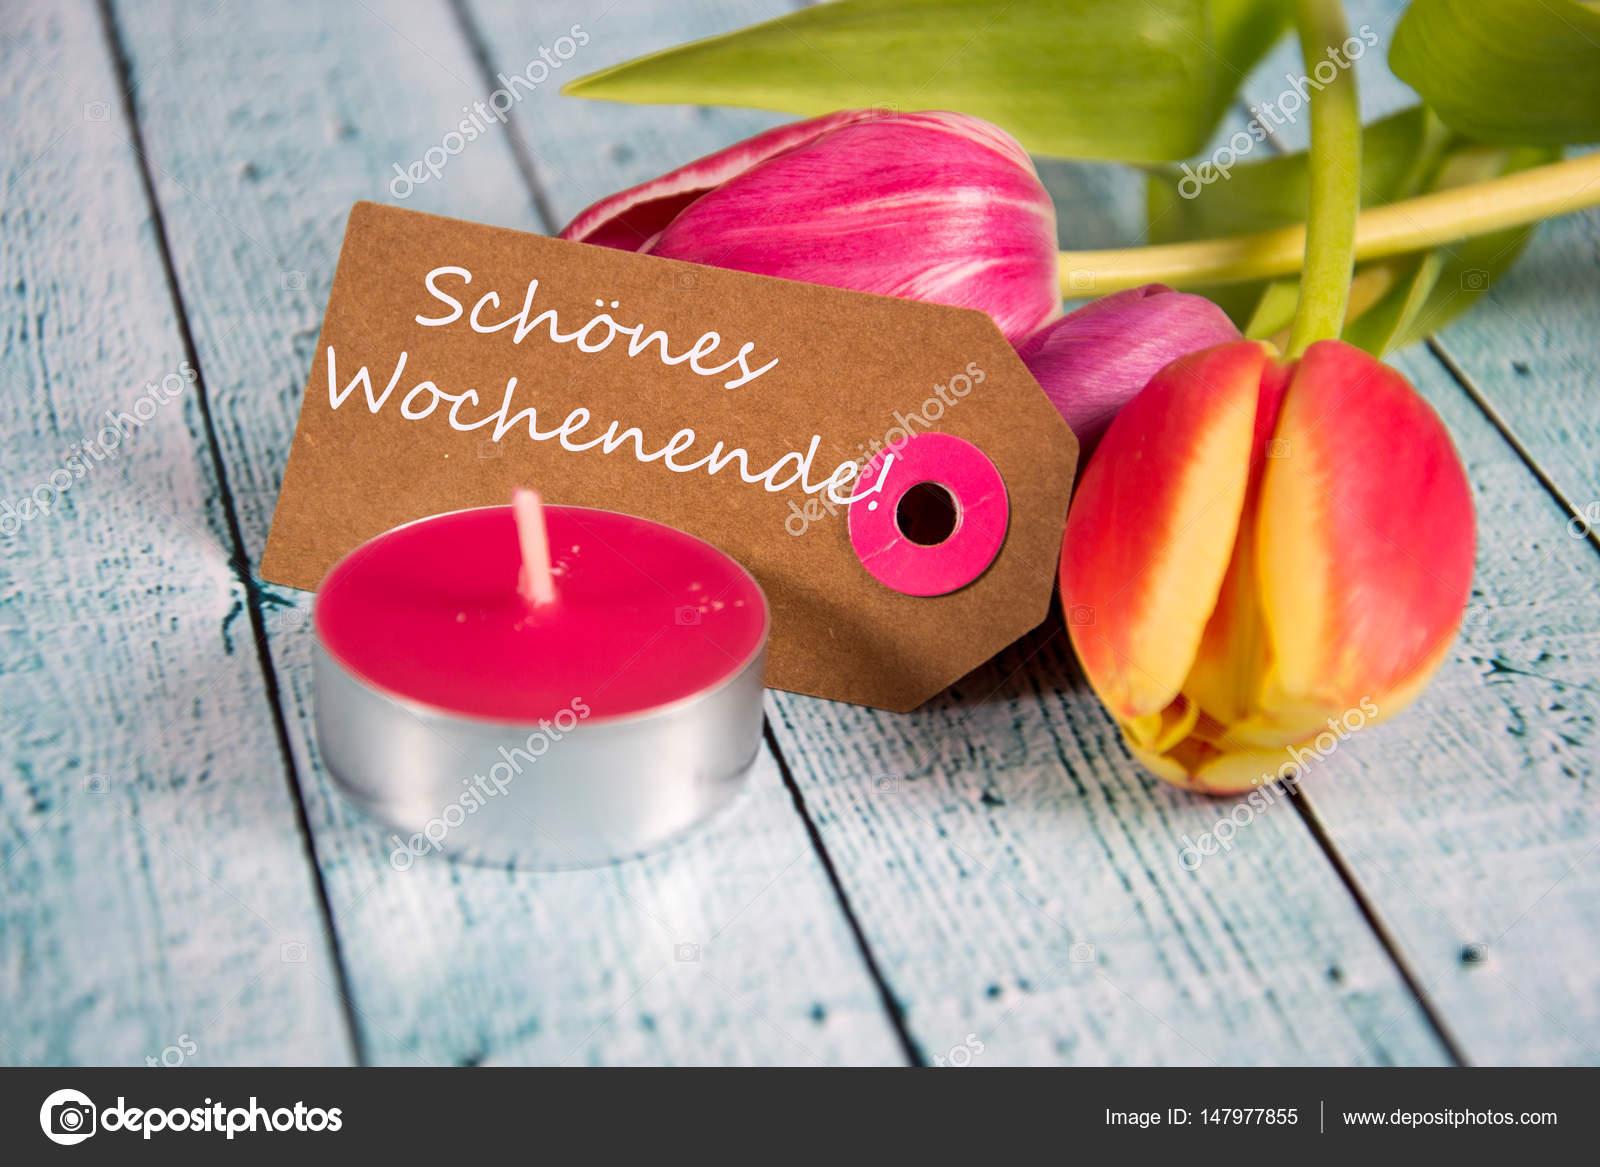 Schoenes wochenende - deutsche Wörter für ein glückliches